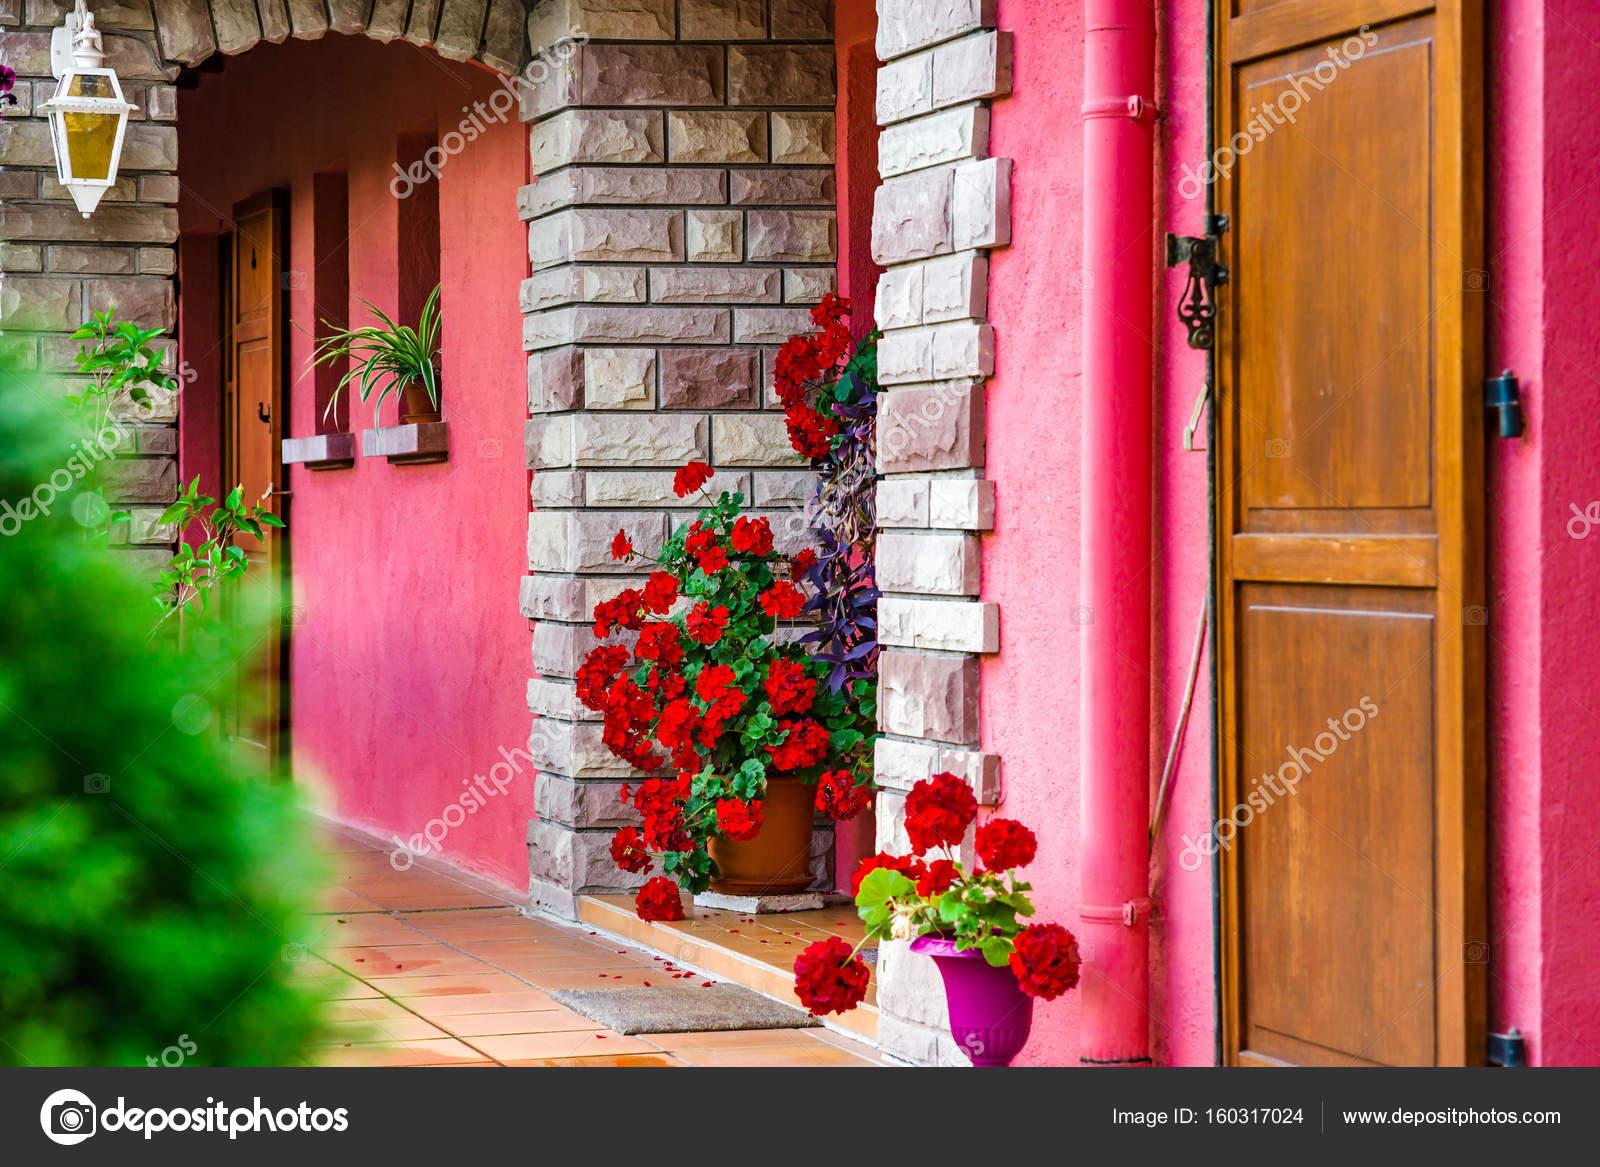 Dorp huis ingang versierd met bloemen u2014 stockfoto © sorokopud #160317024